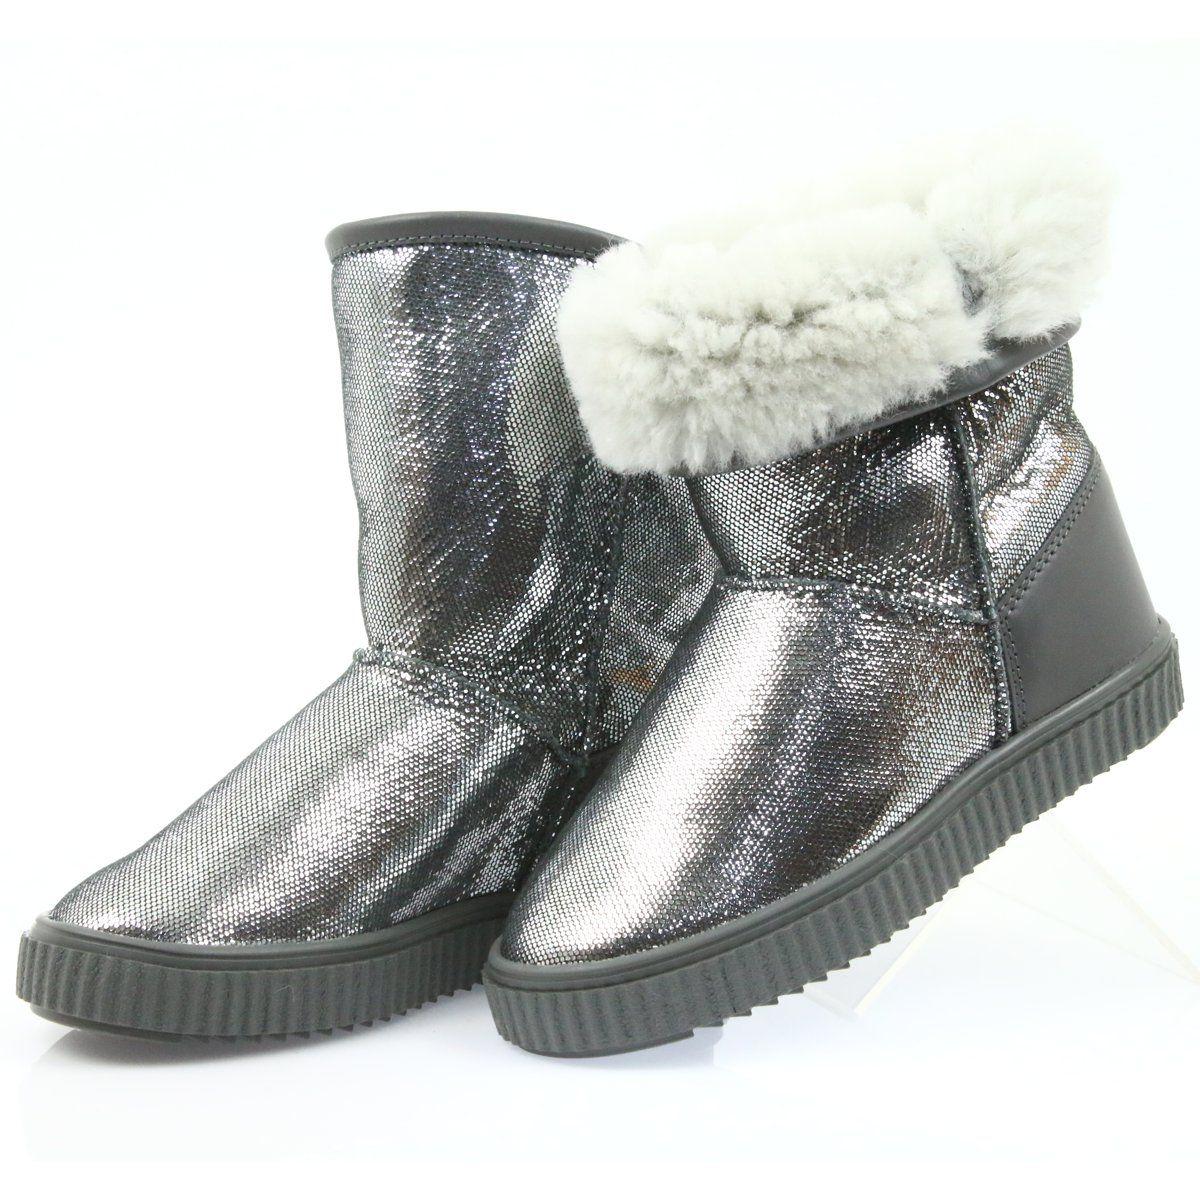 Kozaki Bartek 477750 Naturalna Welna Szare Boots Girly Shoes Childrens Boots